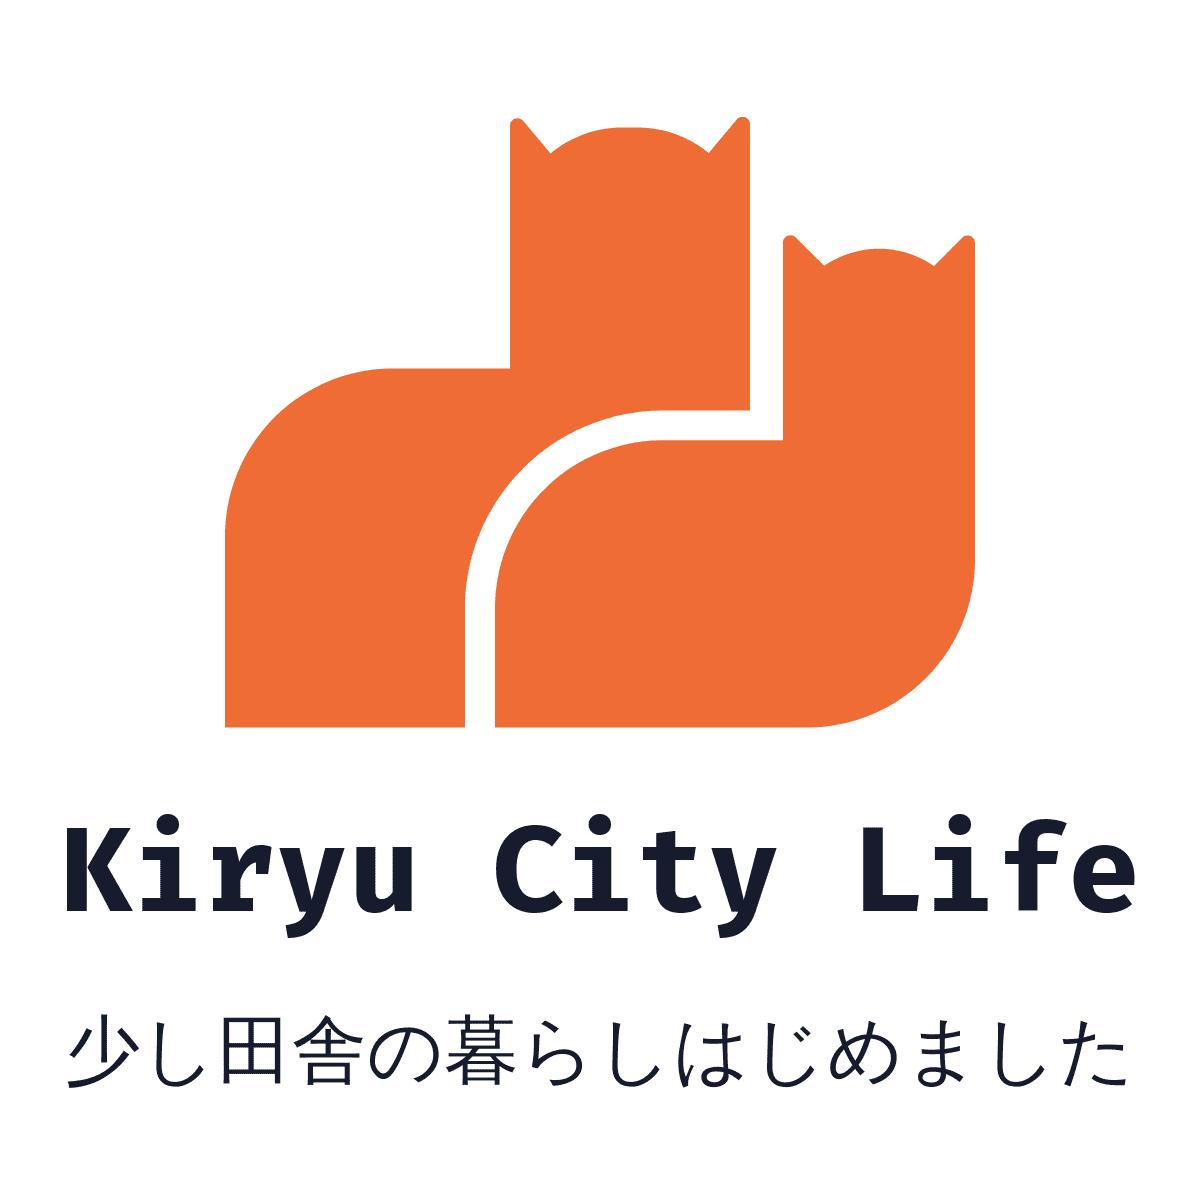 kiryucitylife